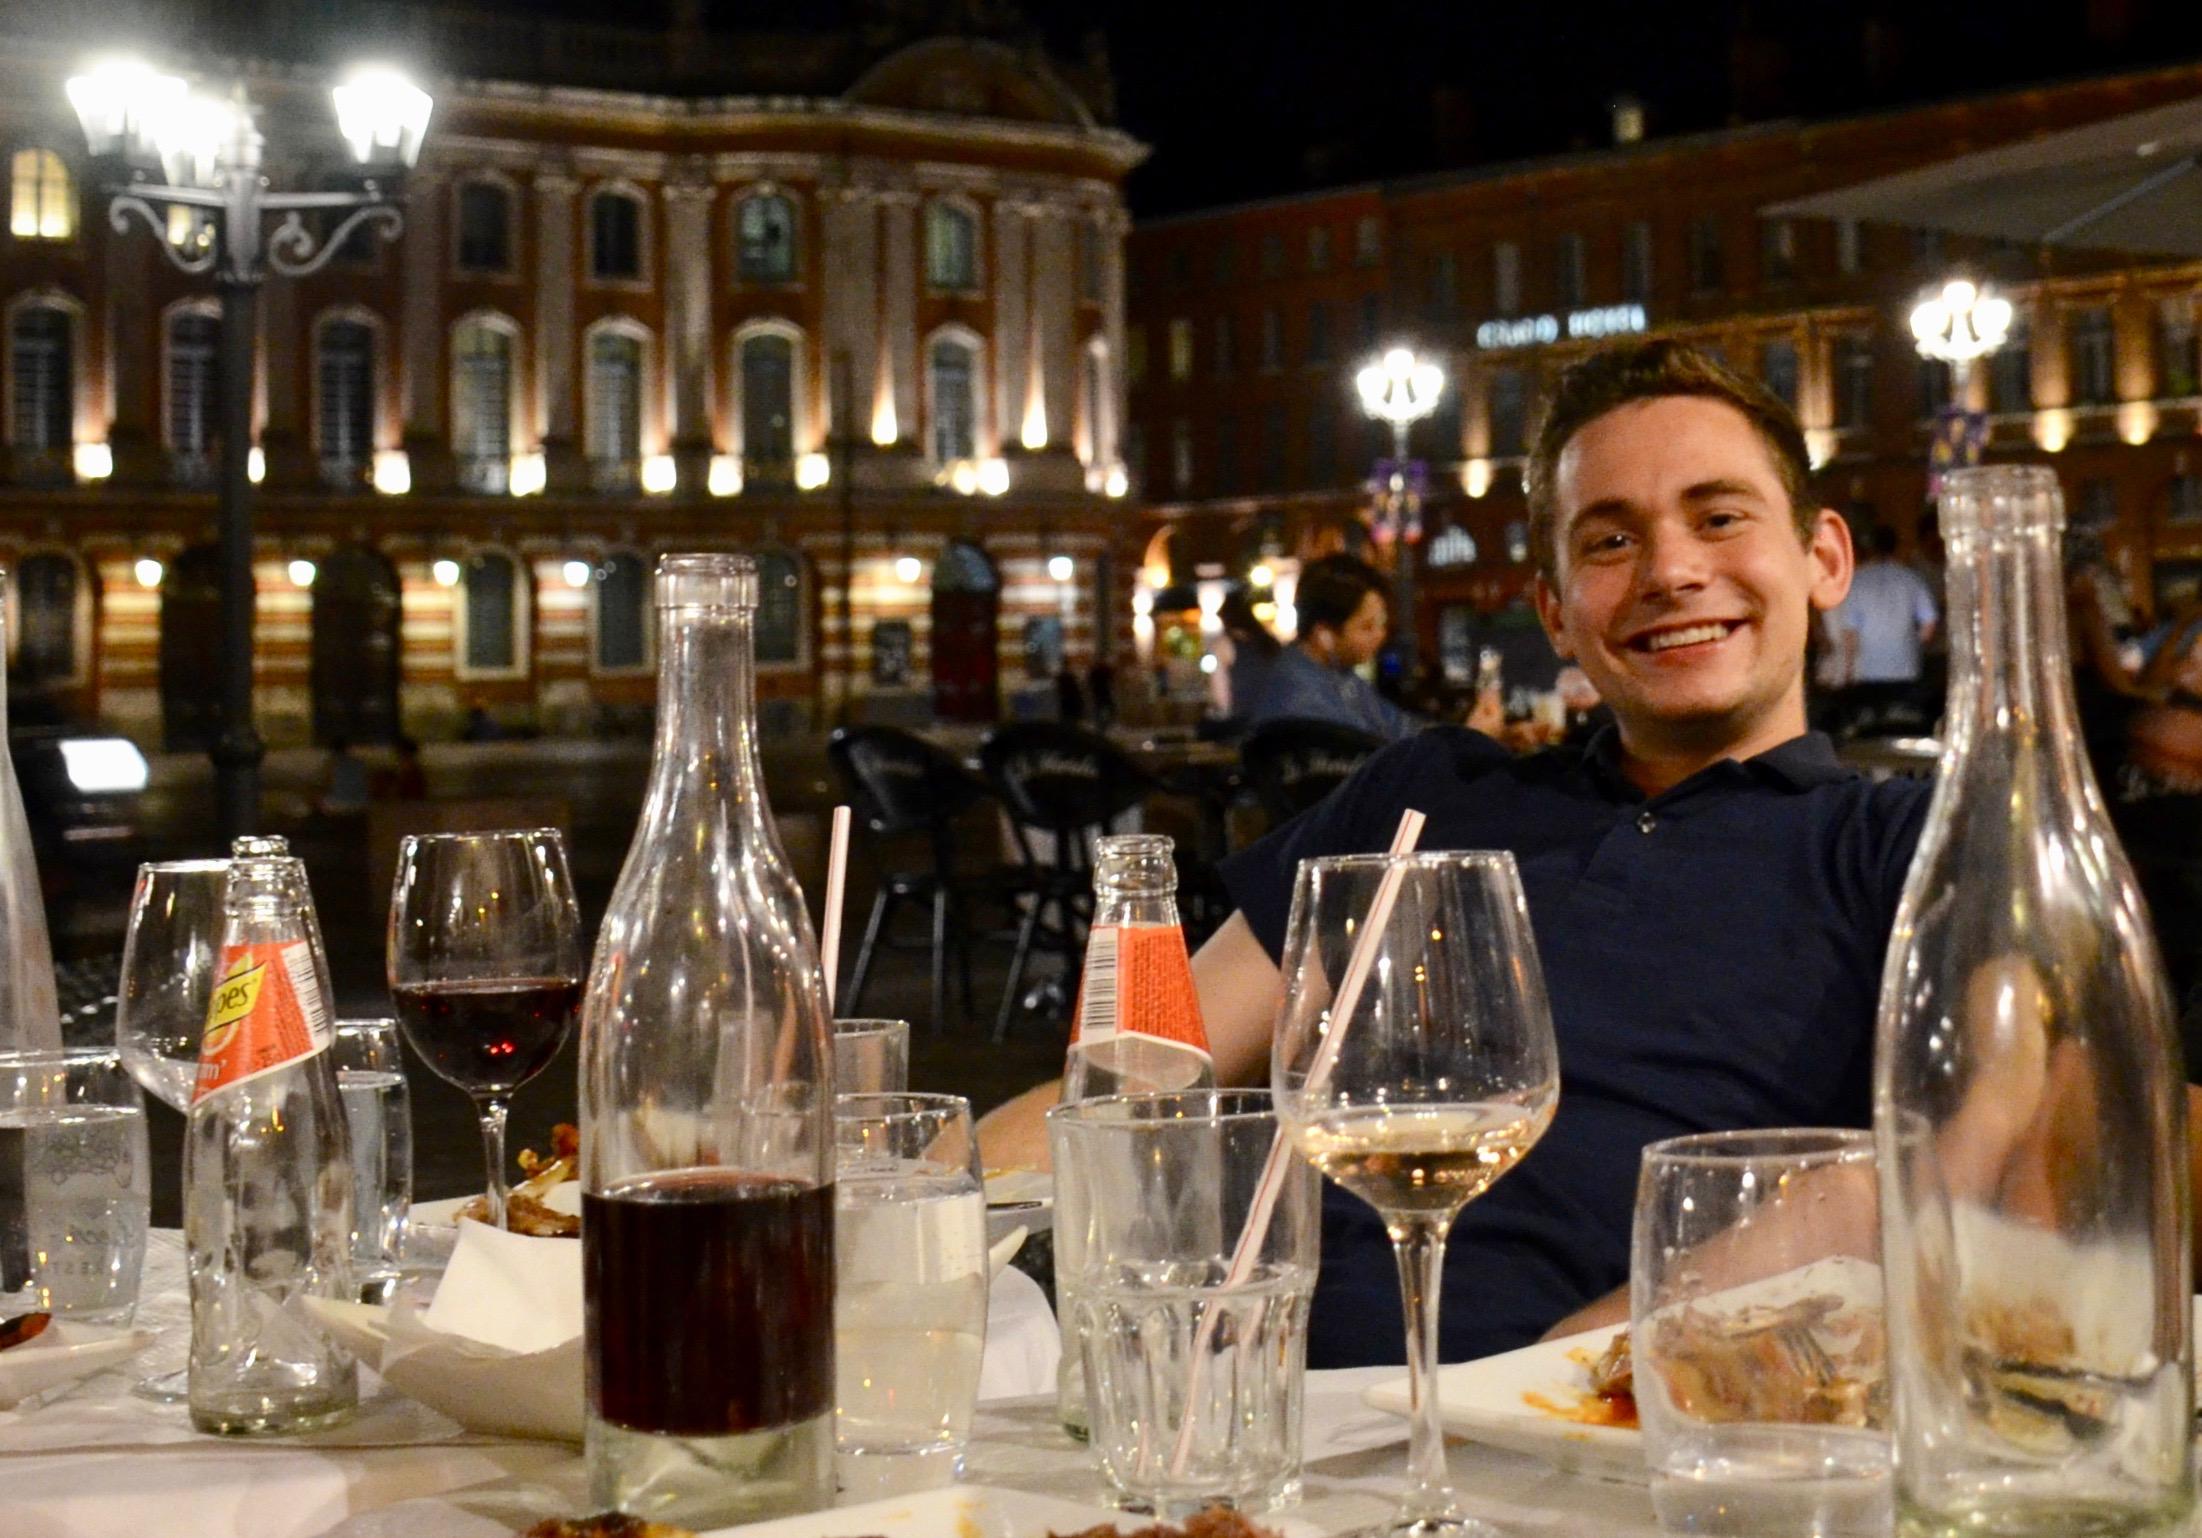 David von Behren enjoying a meal in the square